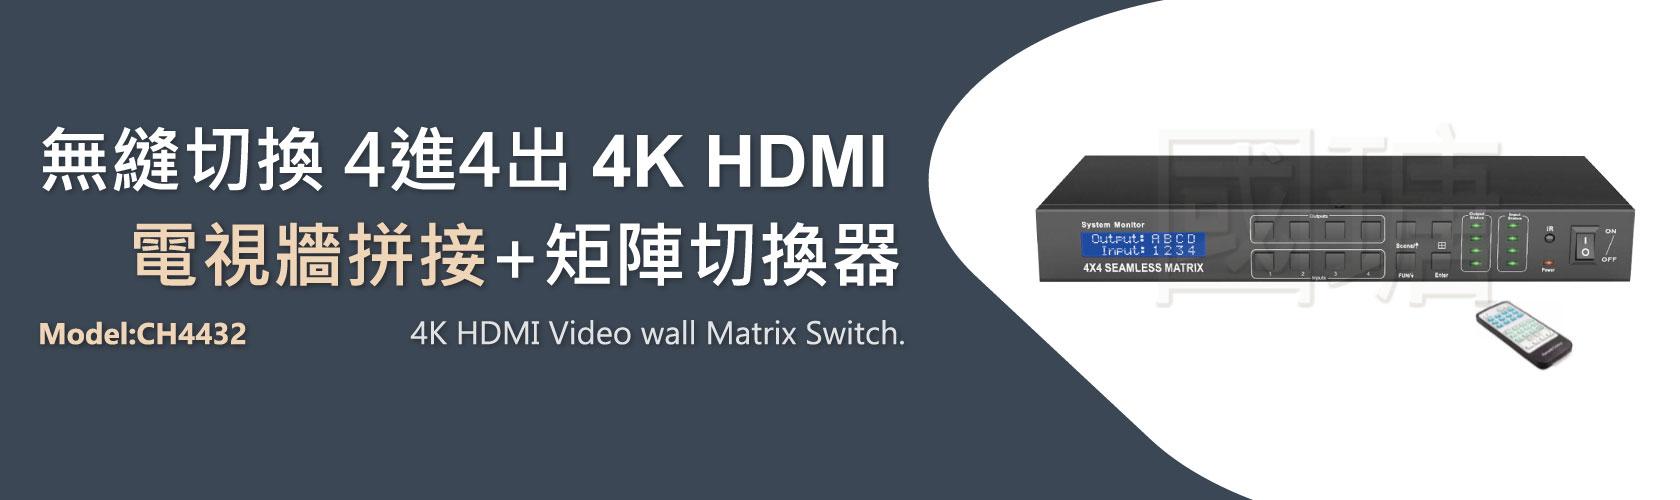 台灣PANIO國瑭-4K HDMI無縫切換+2X2電視牆拼接+4X4矩陣影像處理器